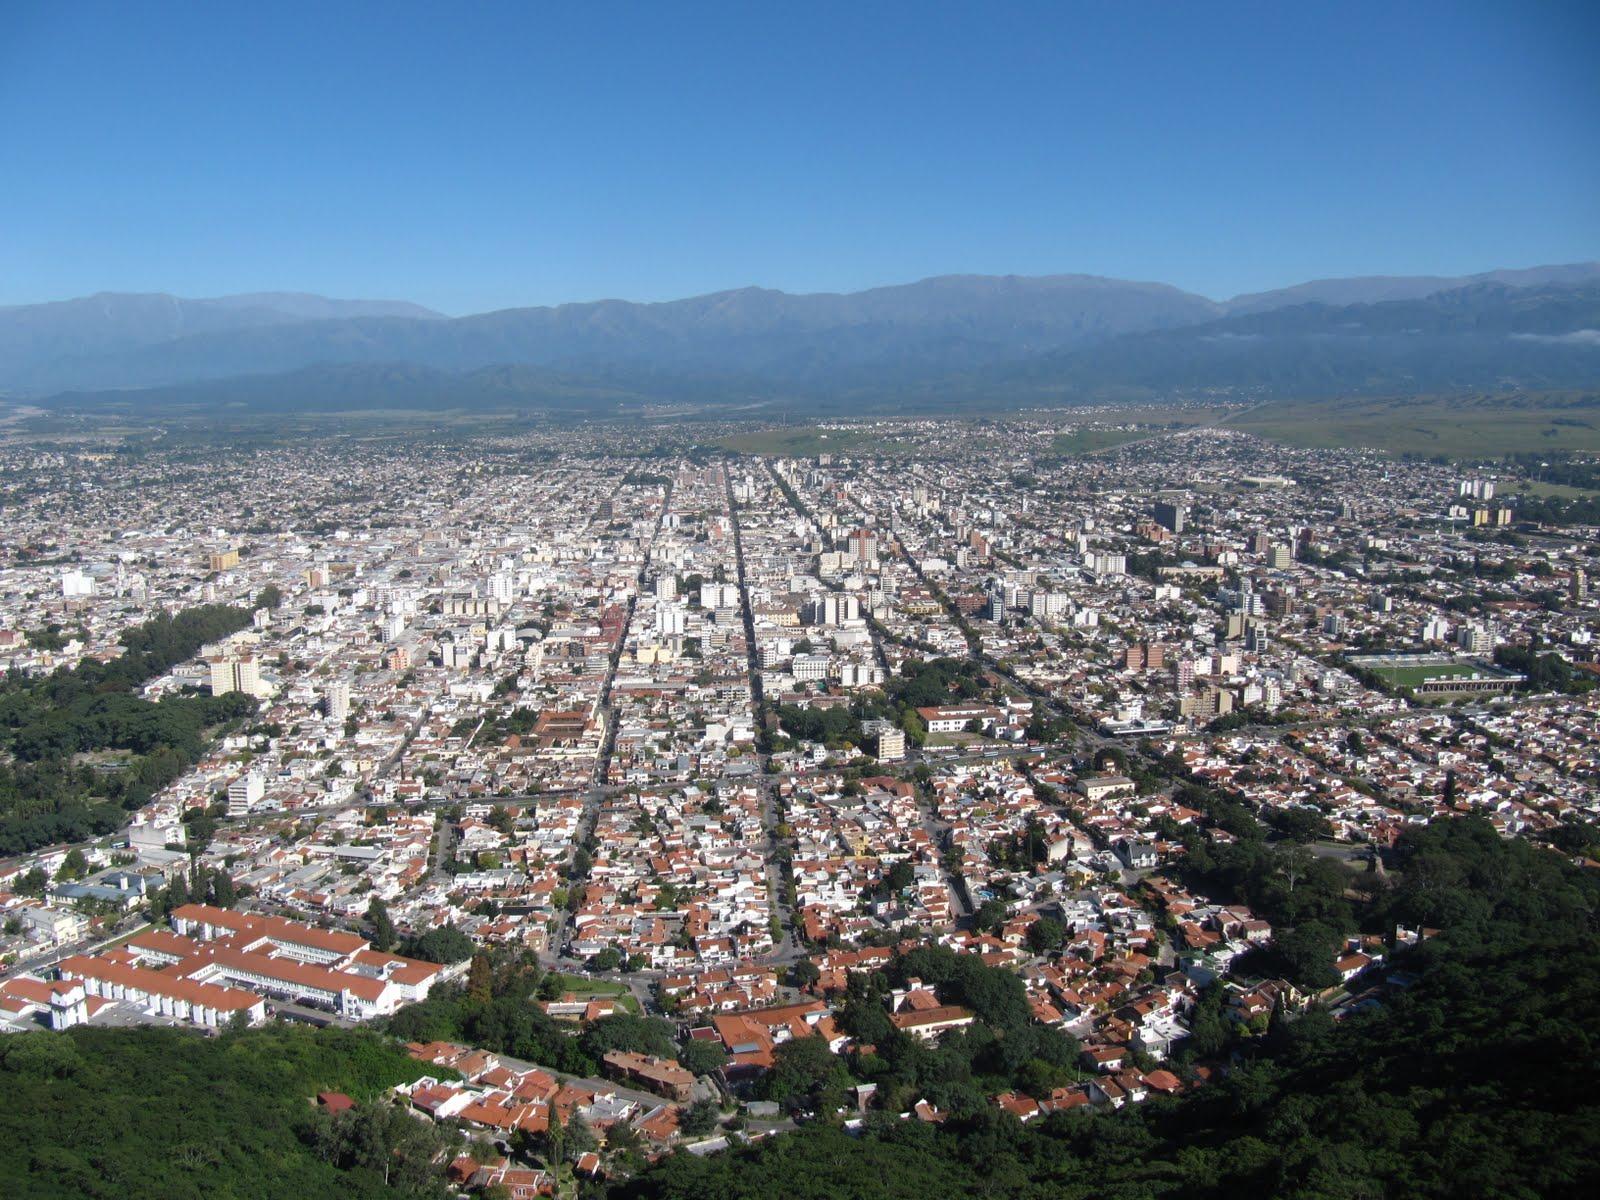 Salta Argentina  city photos : Year of Saturdays: Salta, Argentina April 2011